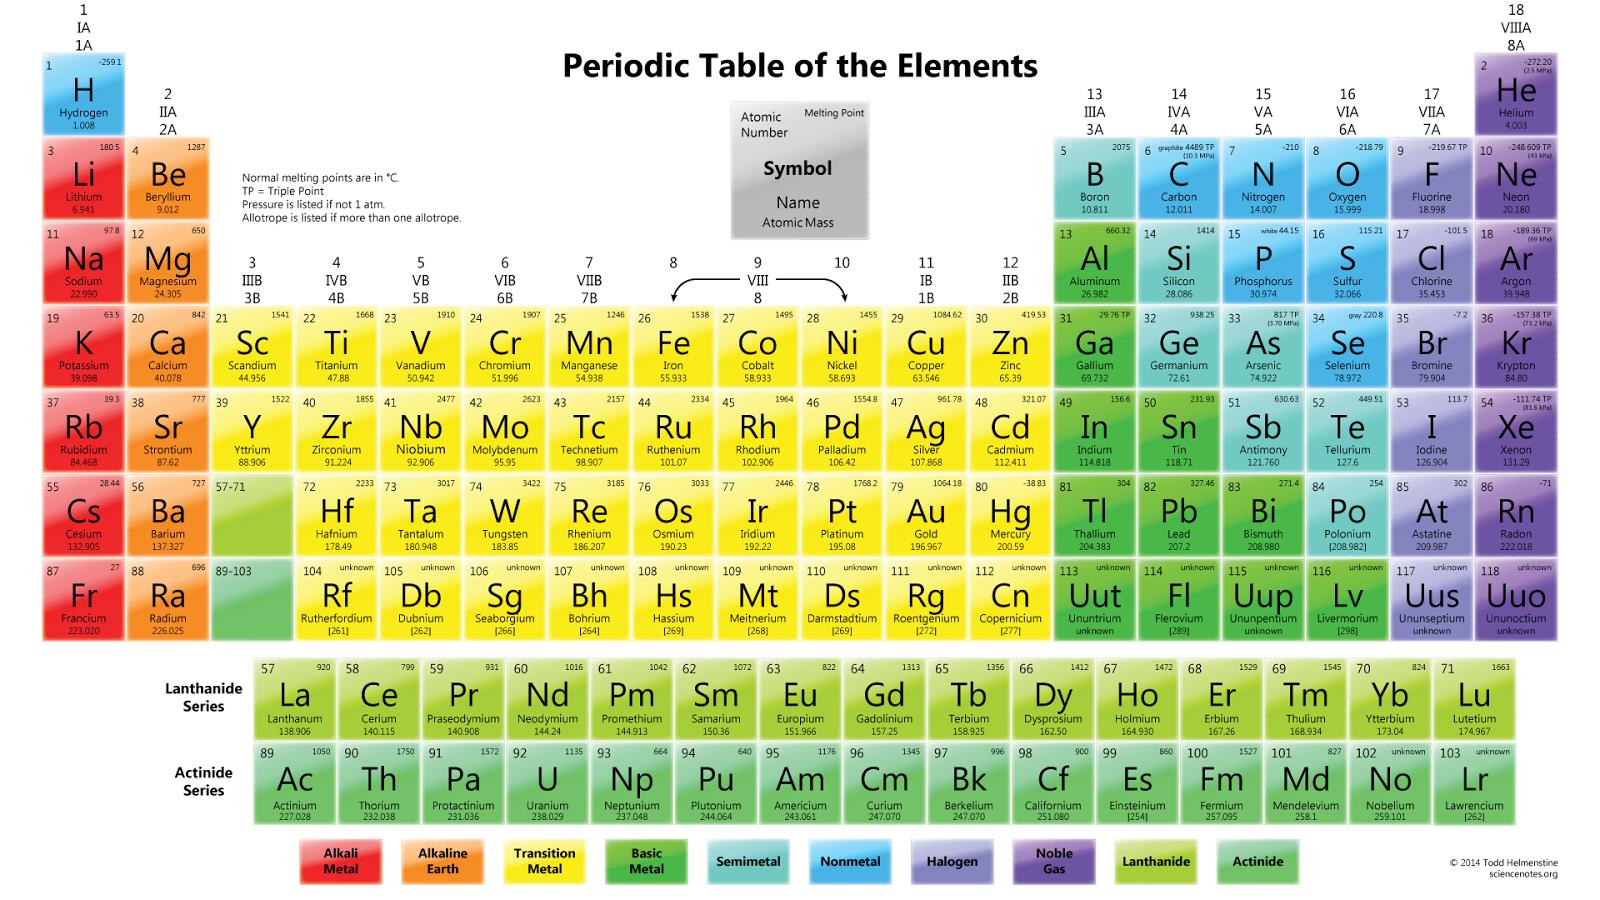 Por qu es perdica la tabla perdica onda piloto tabla peridica de los elementos arriba a la izquierda el nmero atmico abajo el nombre y la masa atmica que puede ser decimal porque es el promedio urtaz Gallery